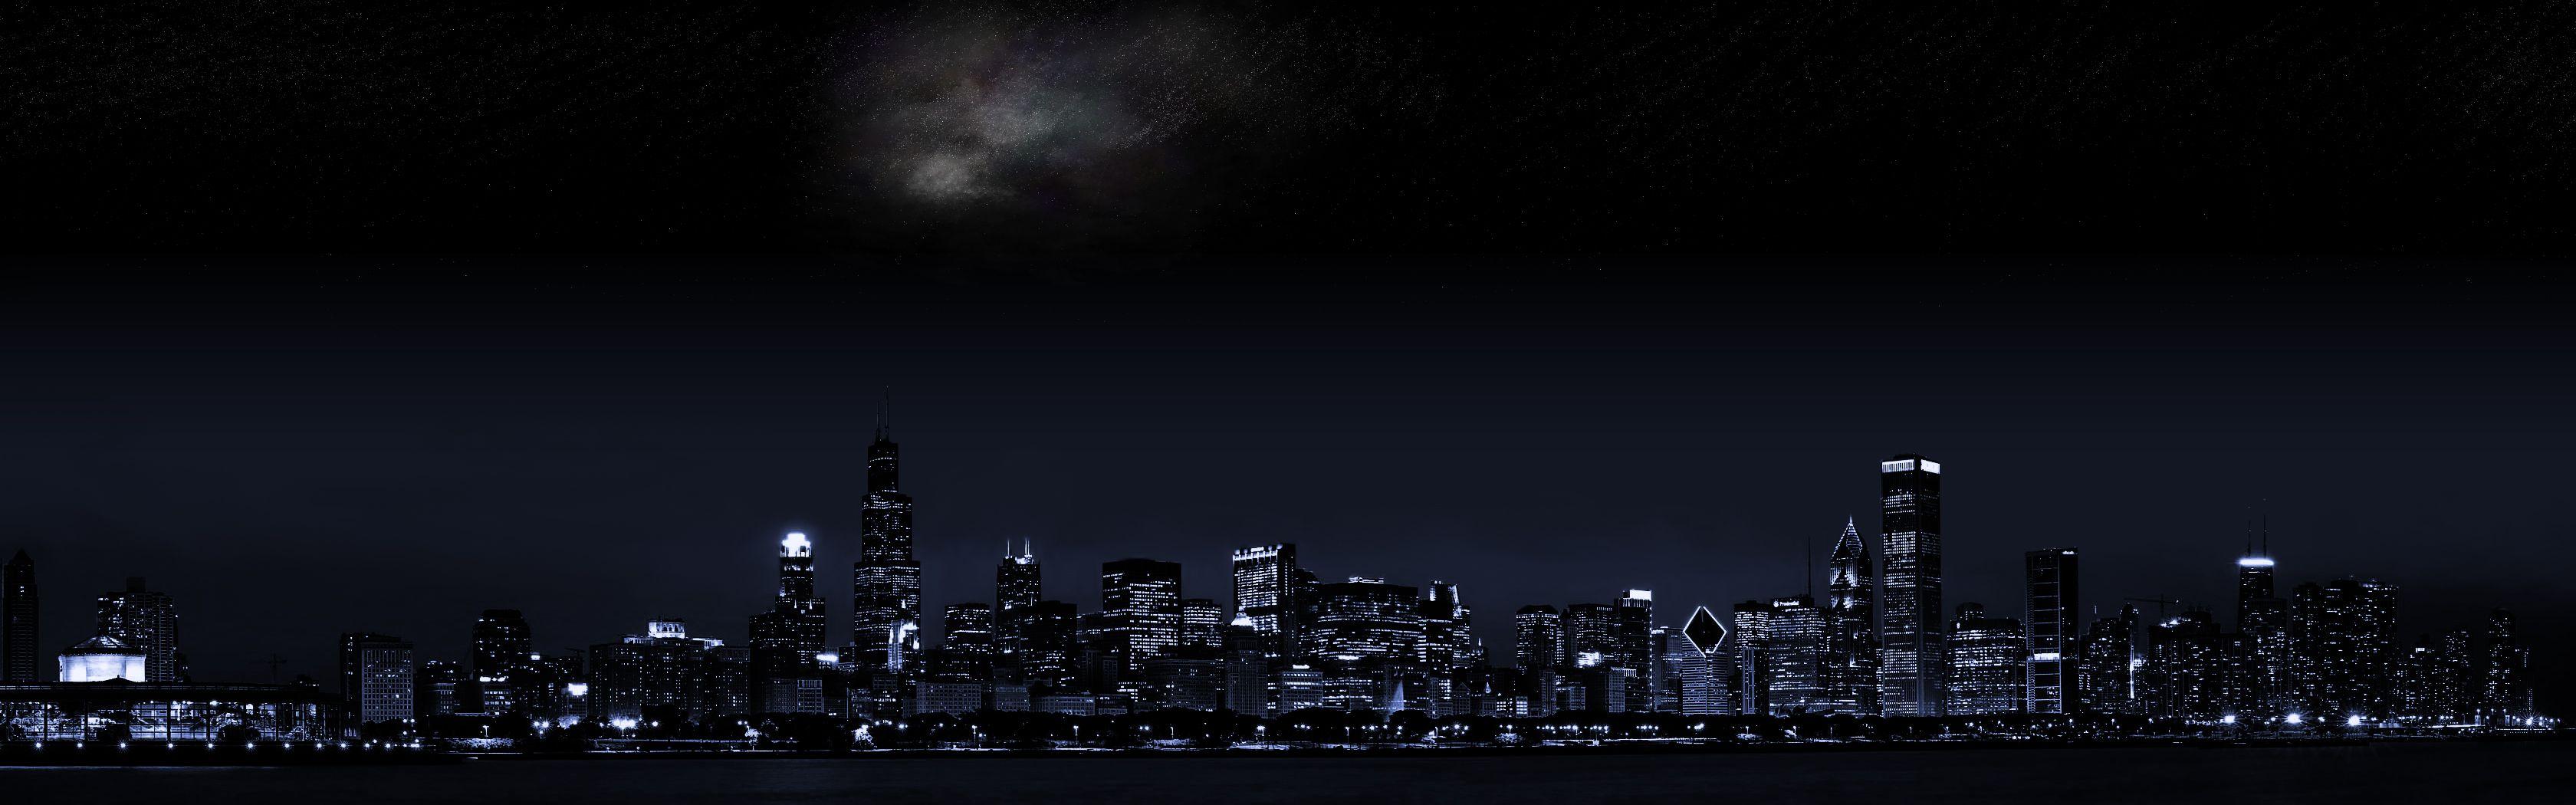 Chicago at Night | Фоны твиттера, Винтажные цветочные фоны ...